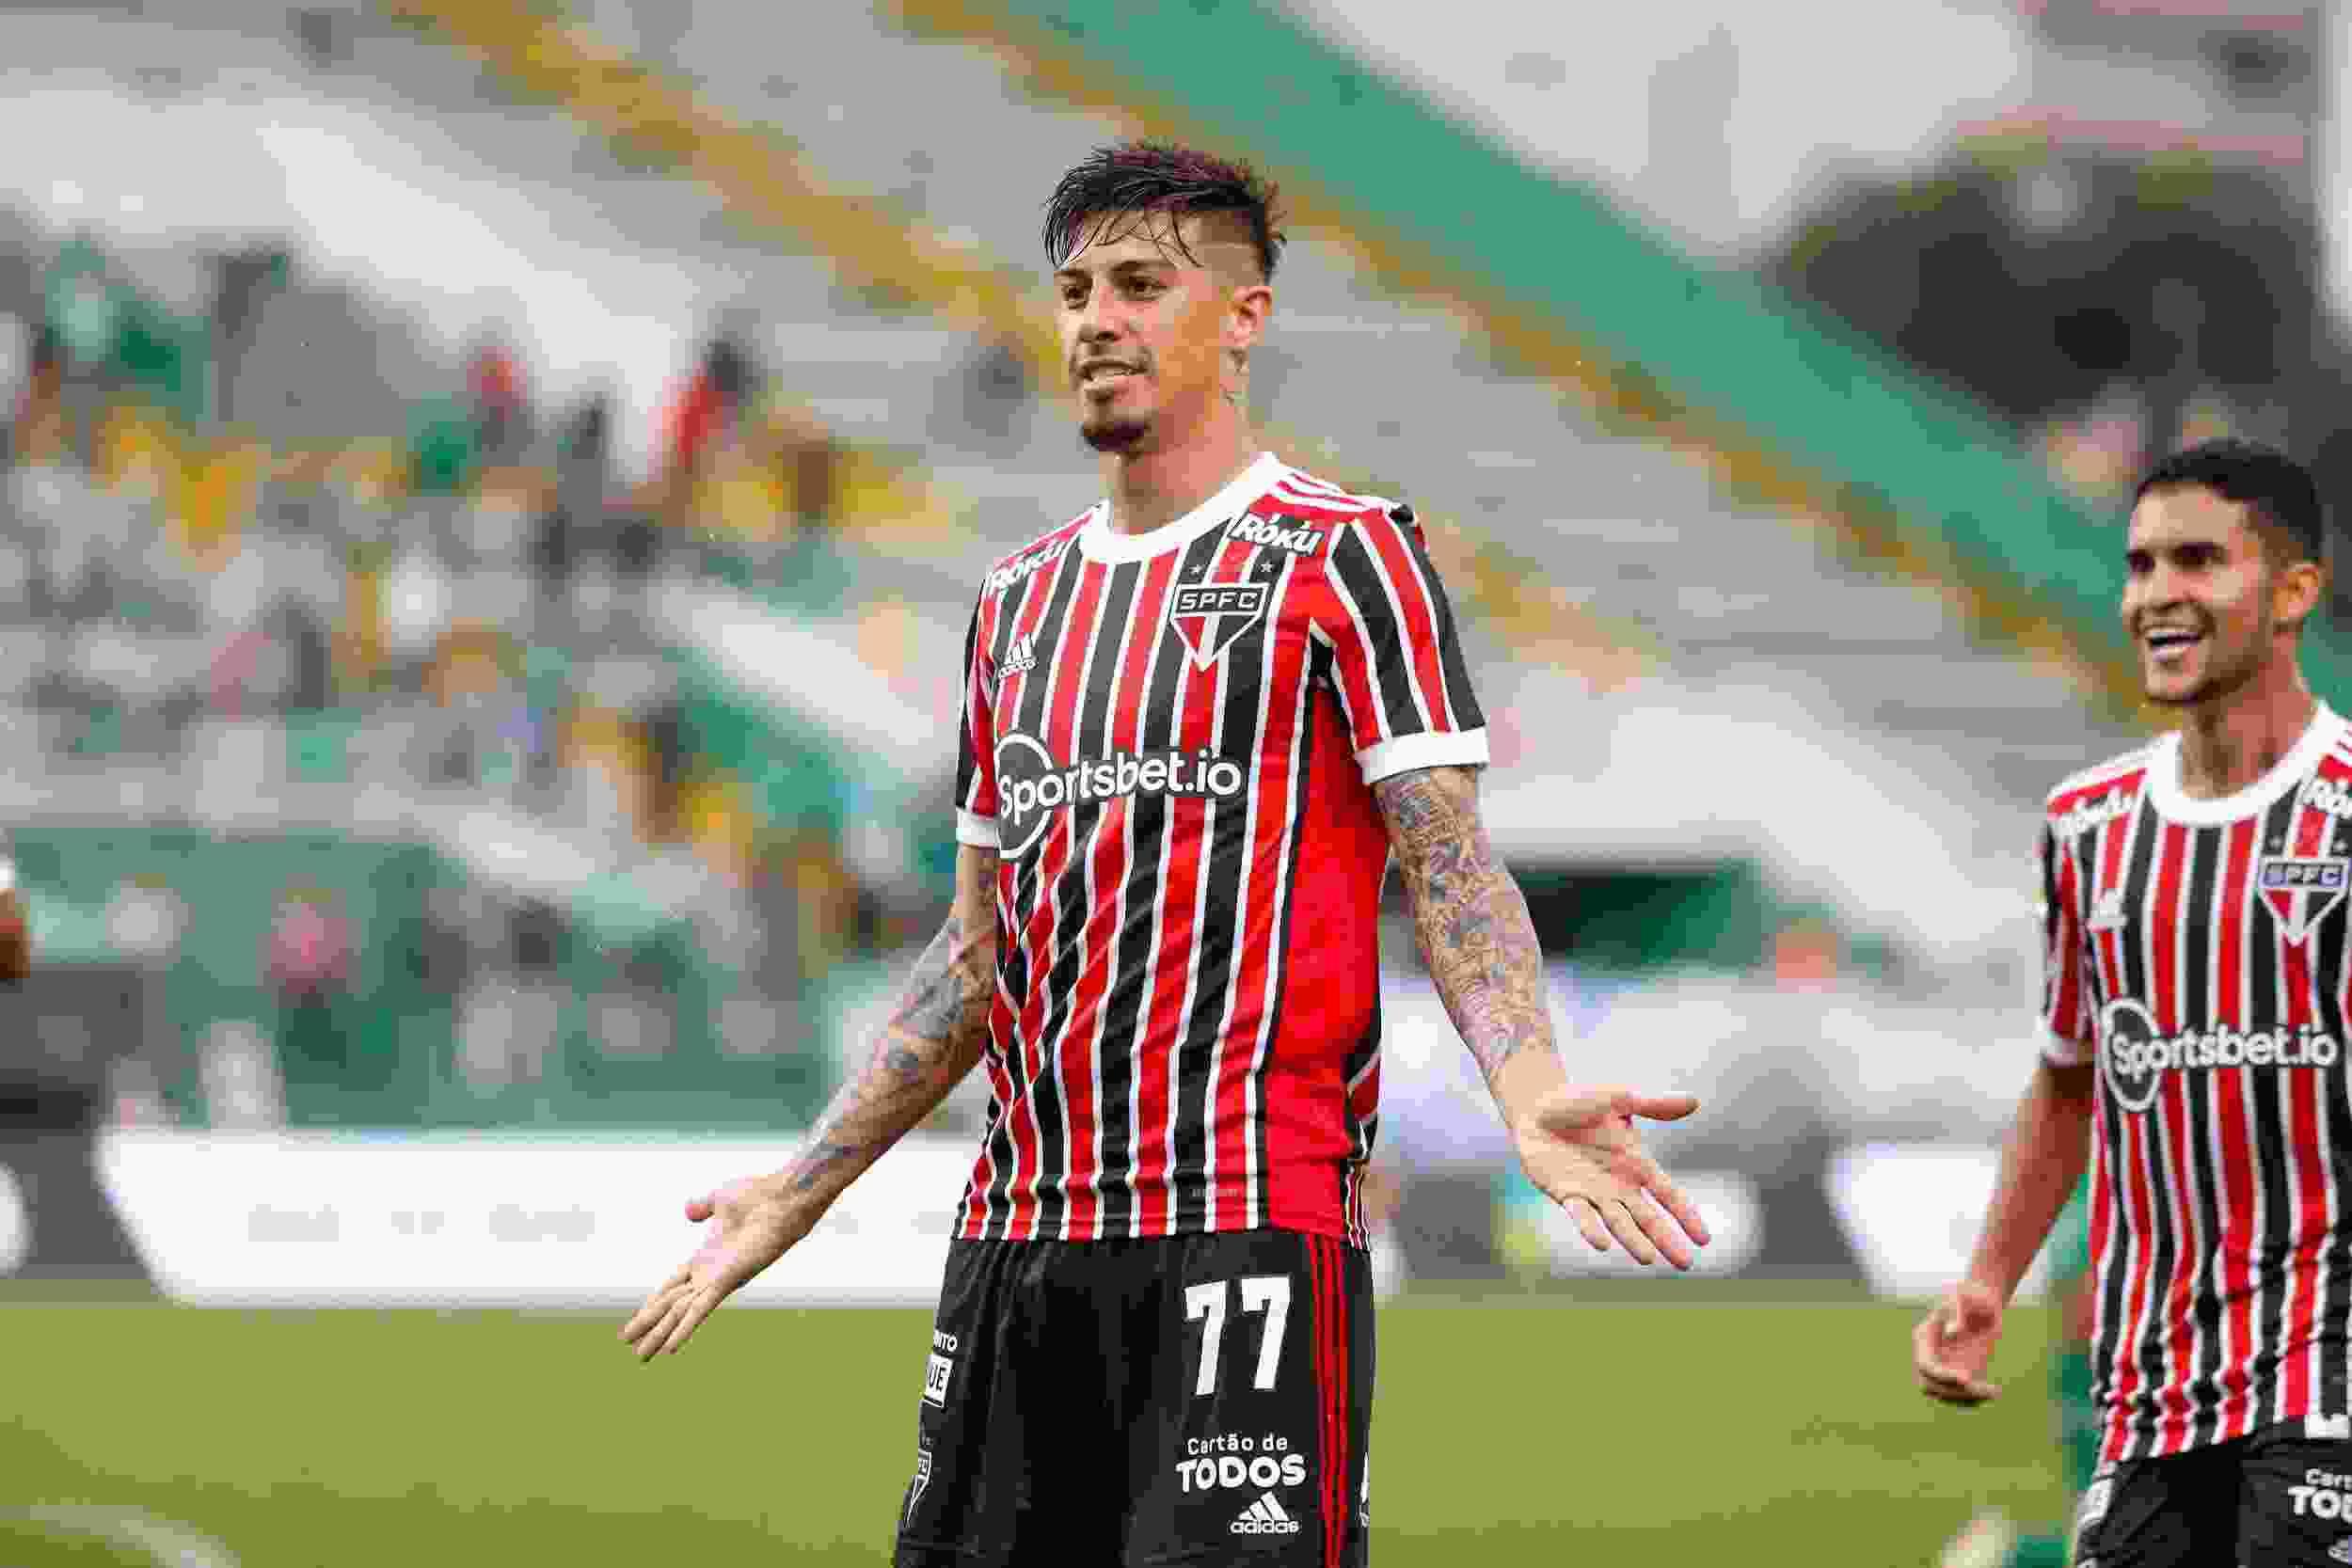 Duro momento para Emiliano Rigoni